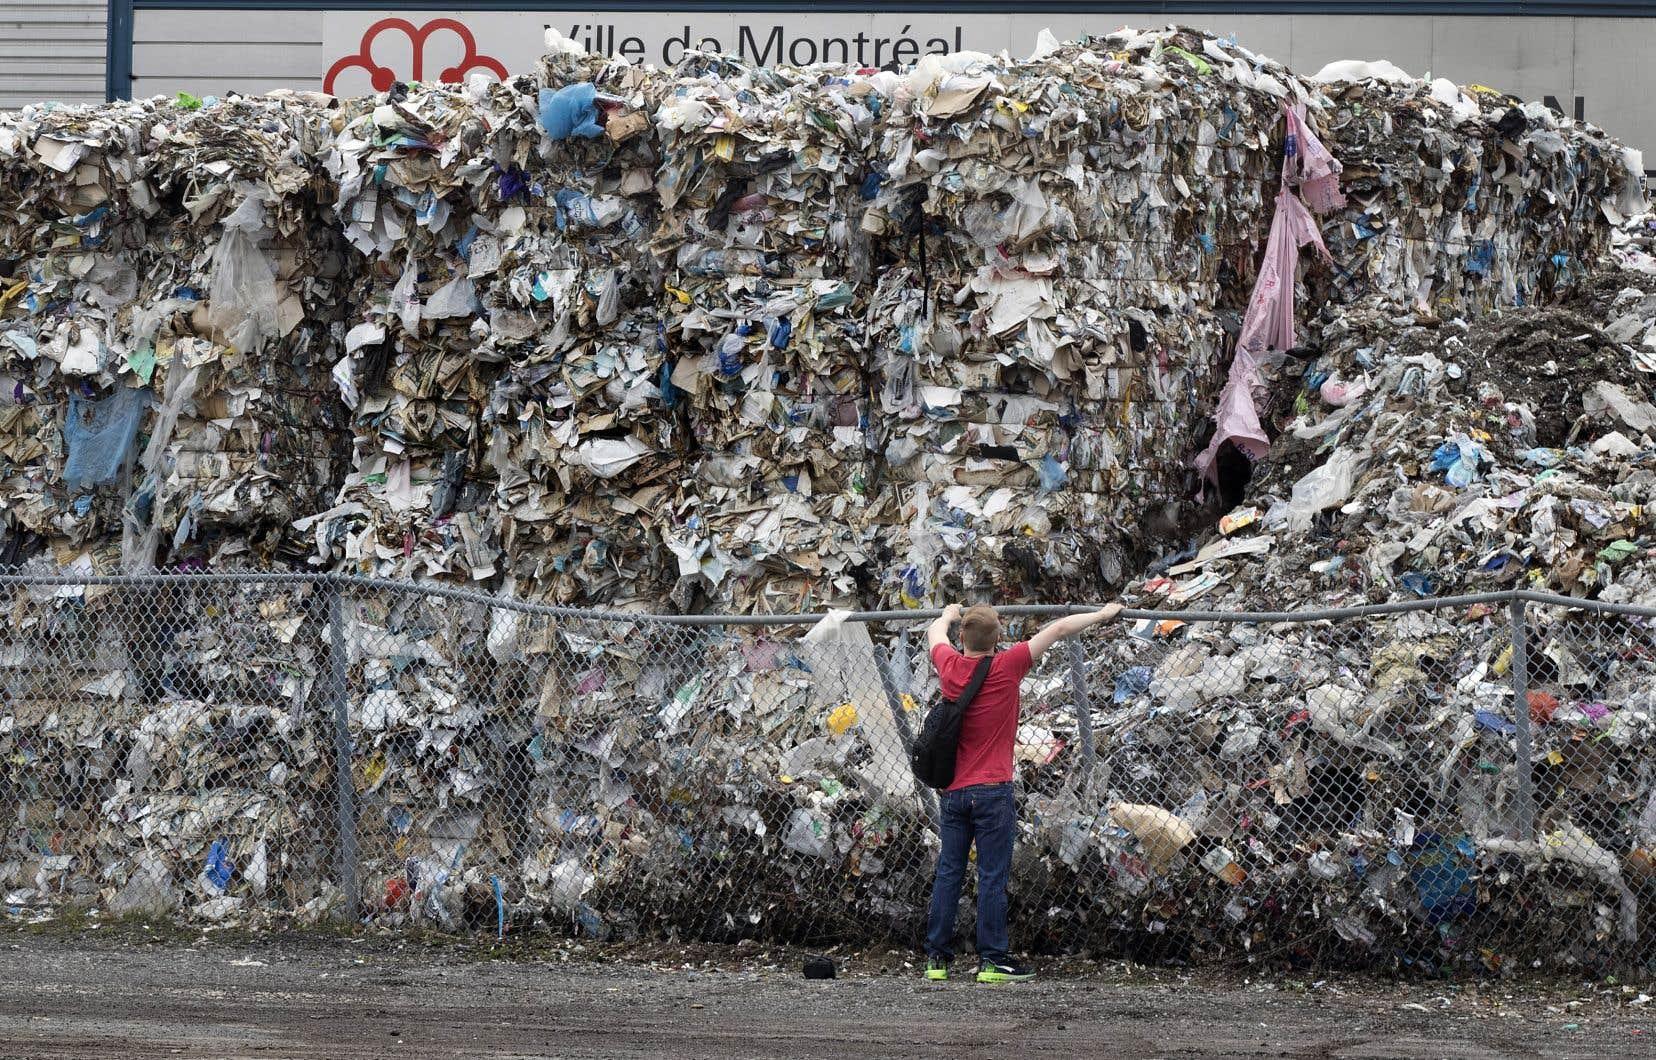 Le centre de tri de la Ville de Montréal est pris depuis plusieurs mois avec la quasi-totalité des 6000 tonnes de papier dont il ne parvient pas à se départir.